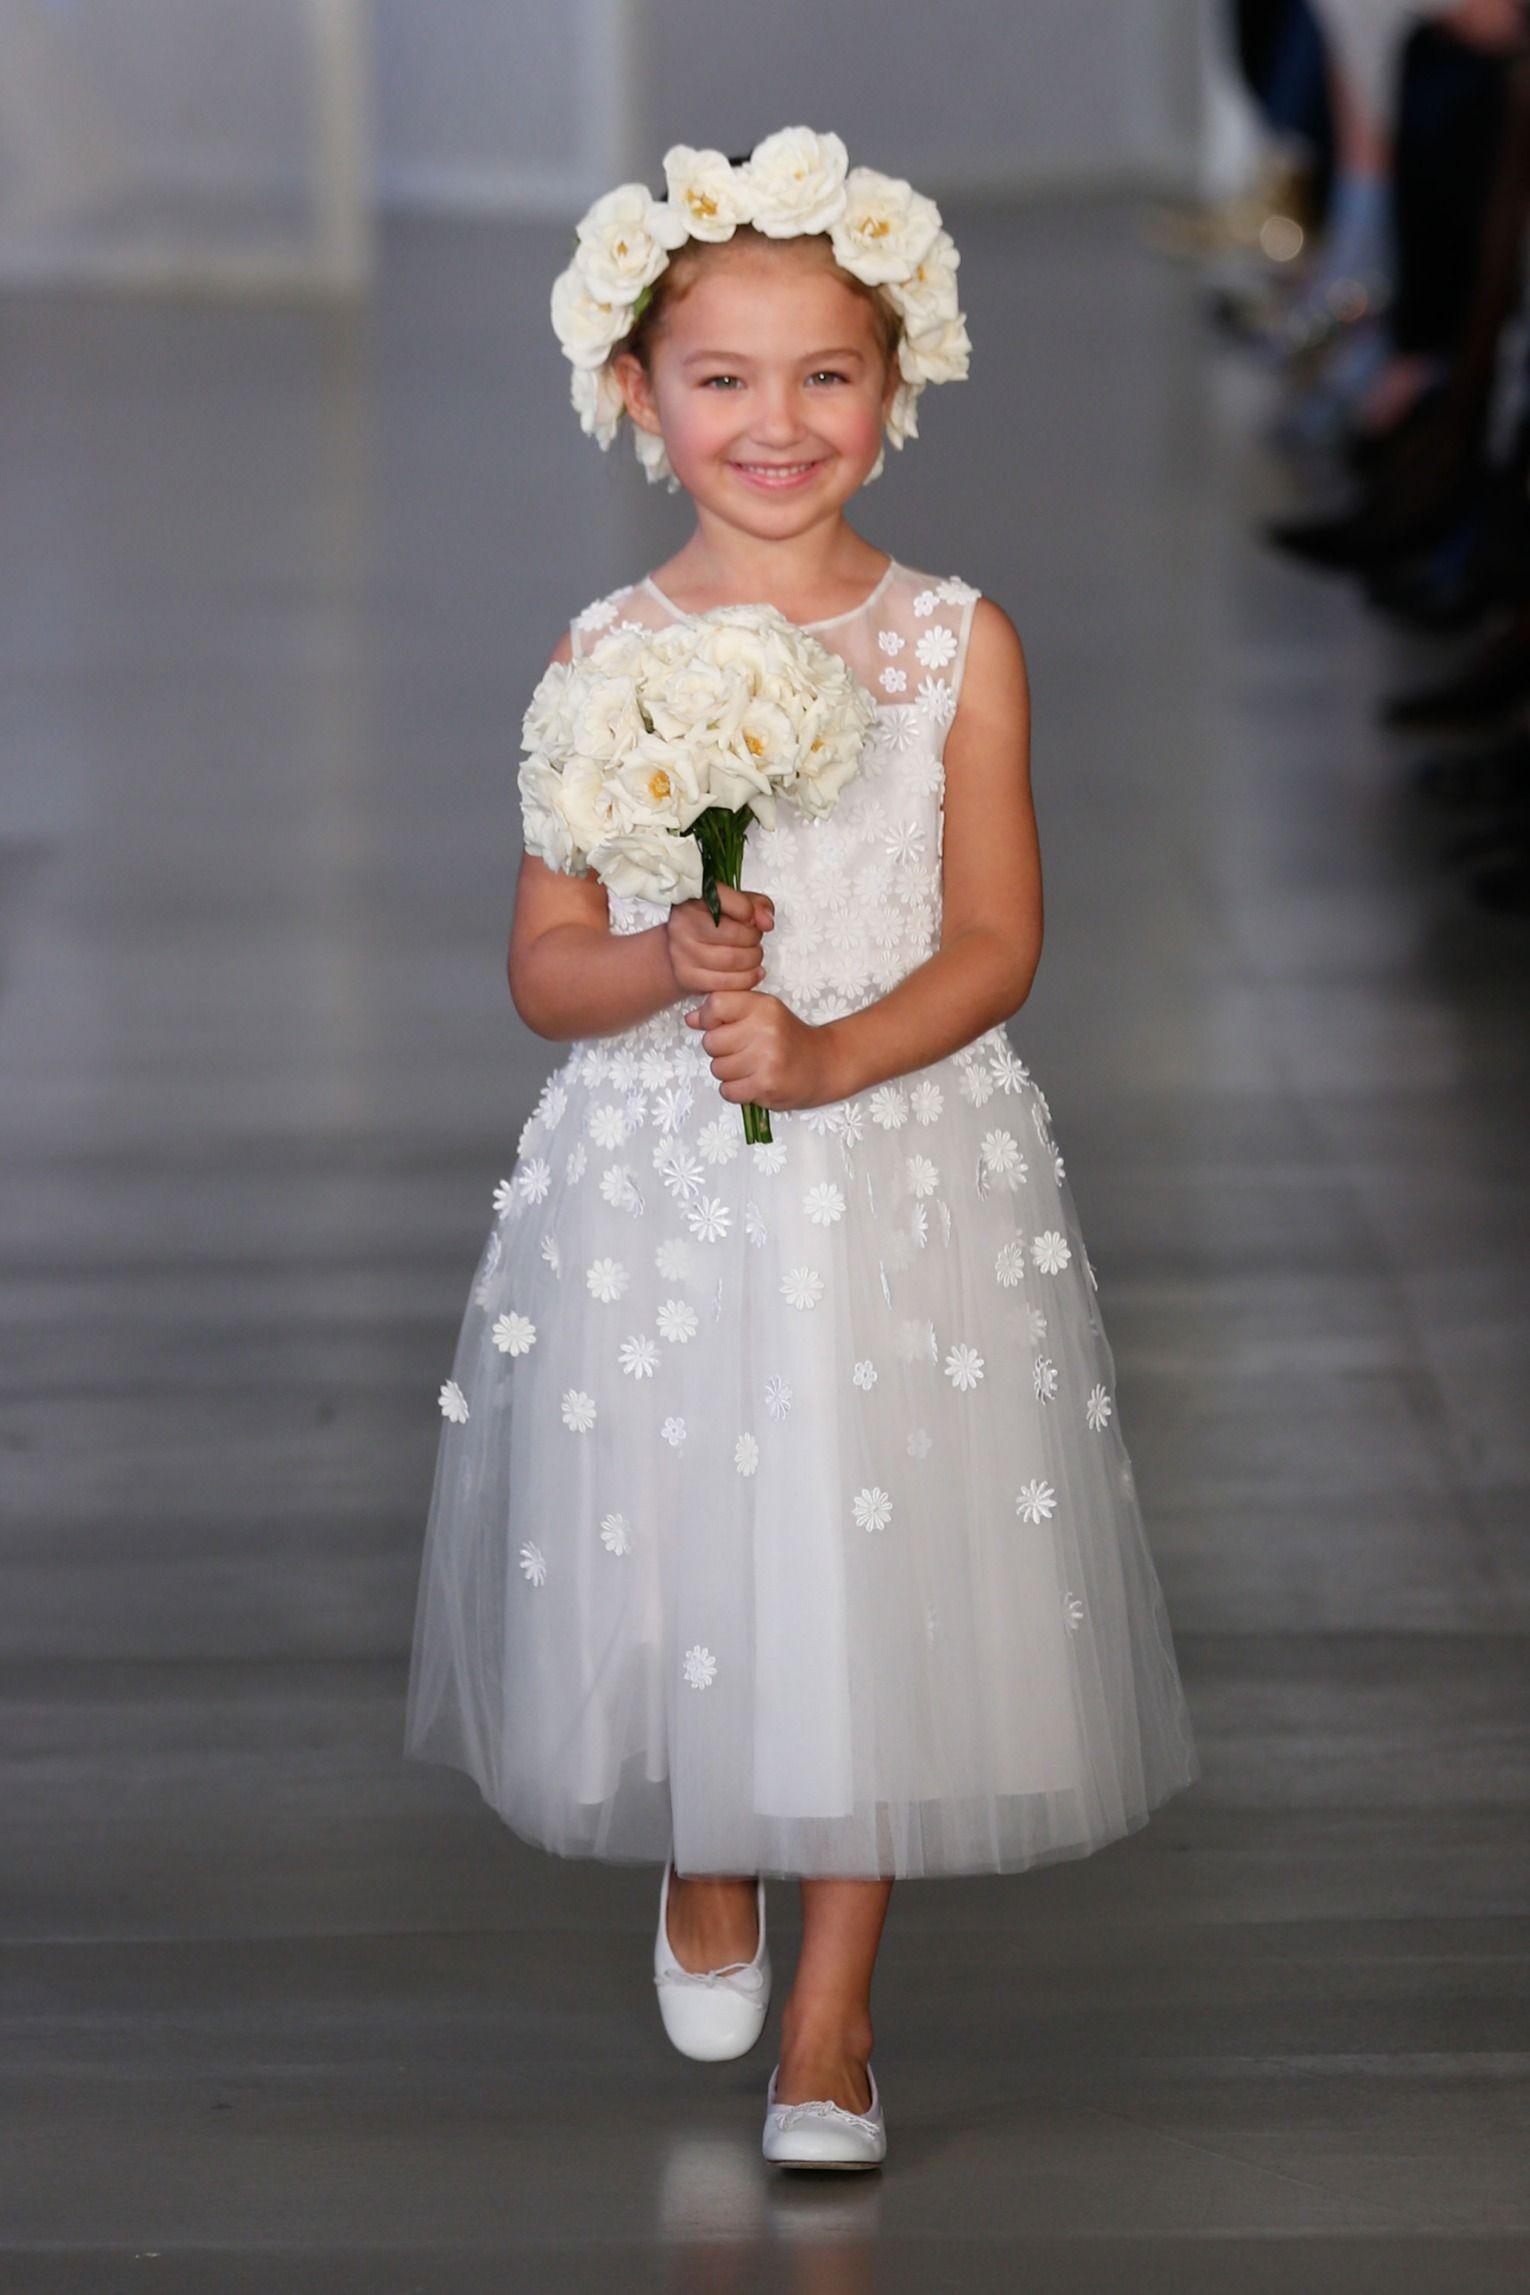 ea282ebea30 Oscar de la Renta Spring 2017 bridal - flower girl!